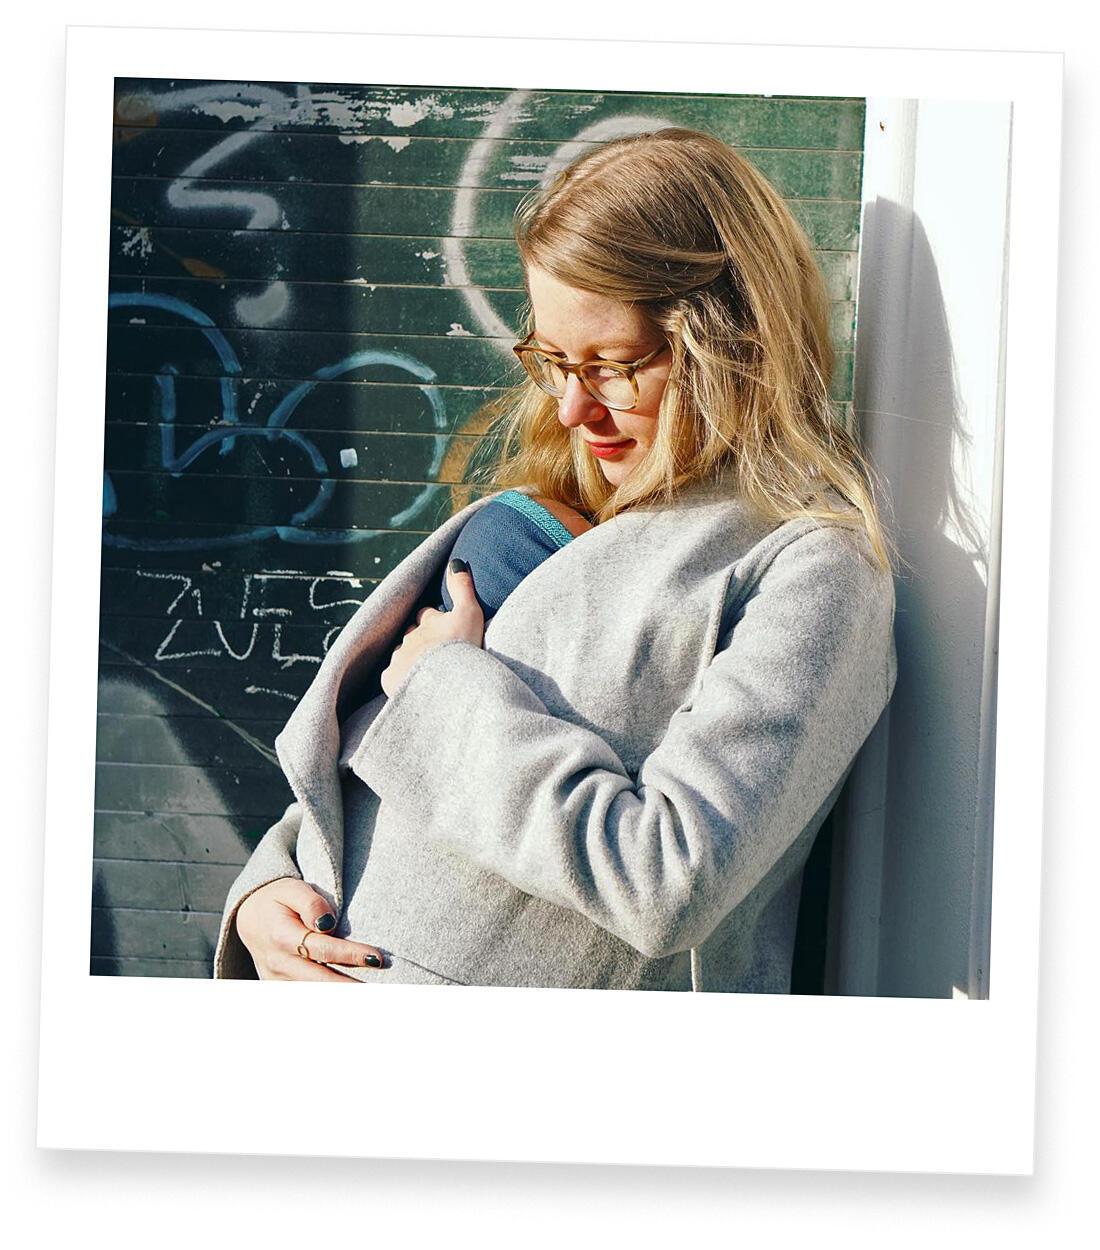 Jahresrückblick 2018 Familie mit Baby Berlin Tragetuch Prenzlauer Berg